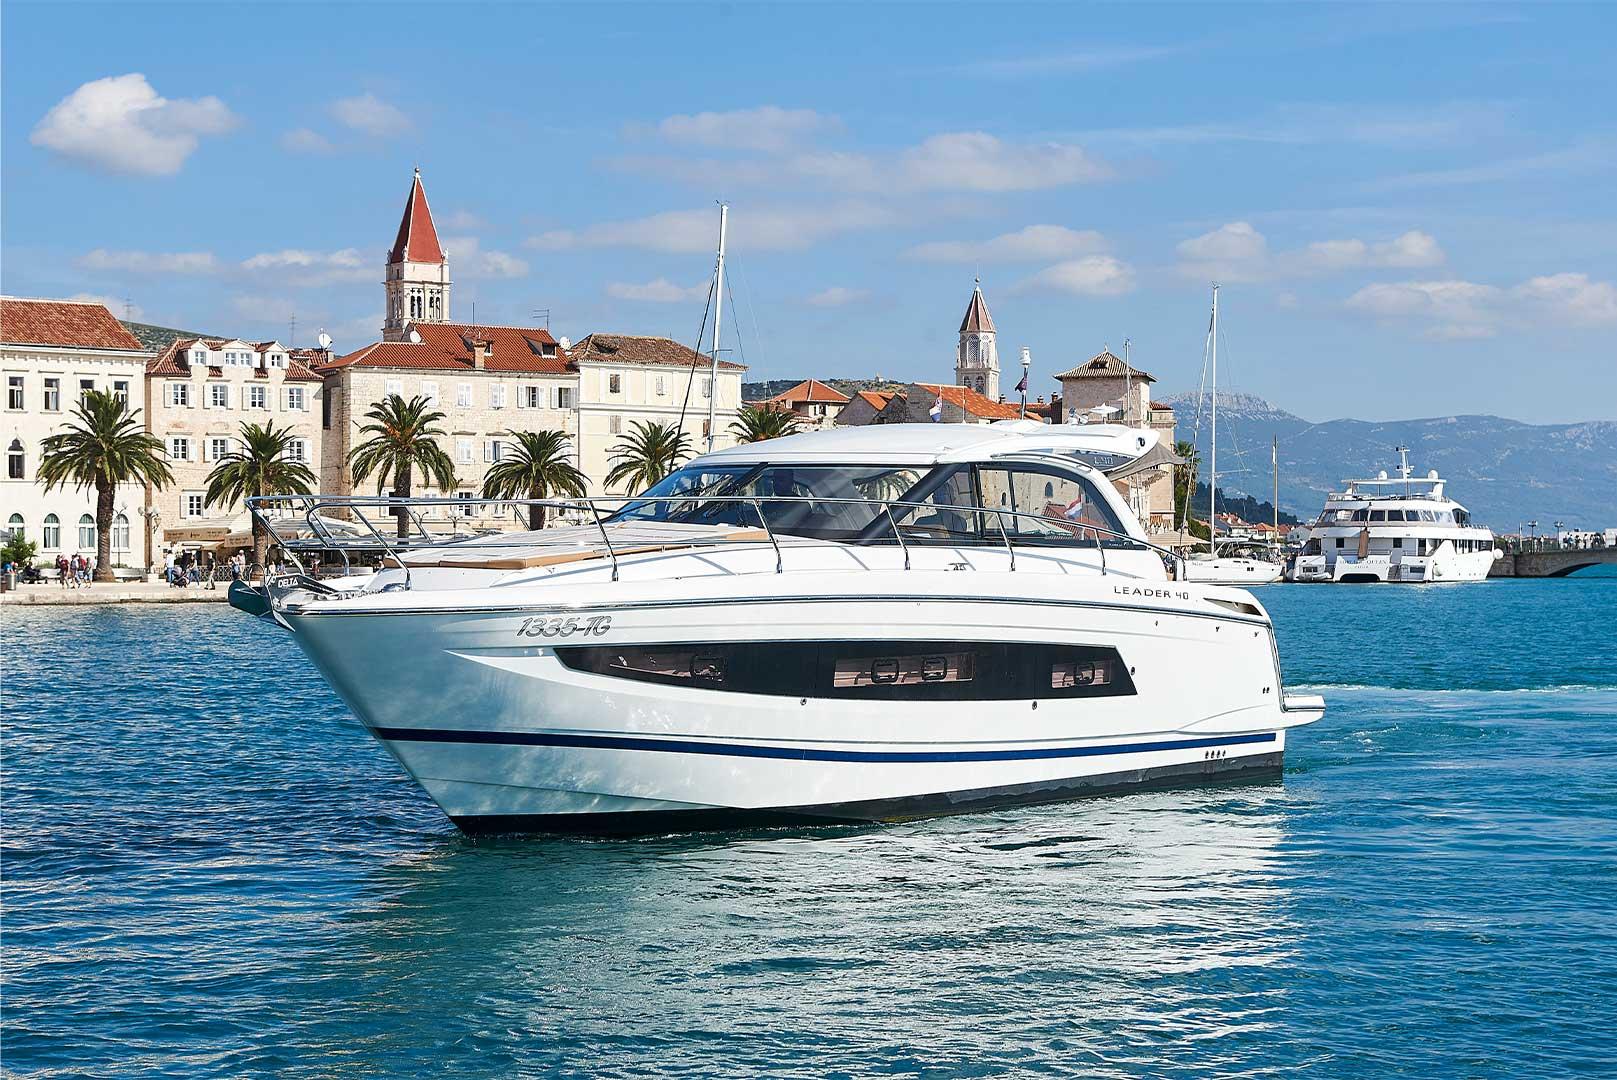 Boat offer background image